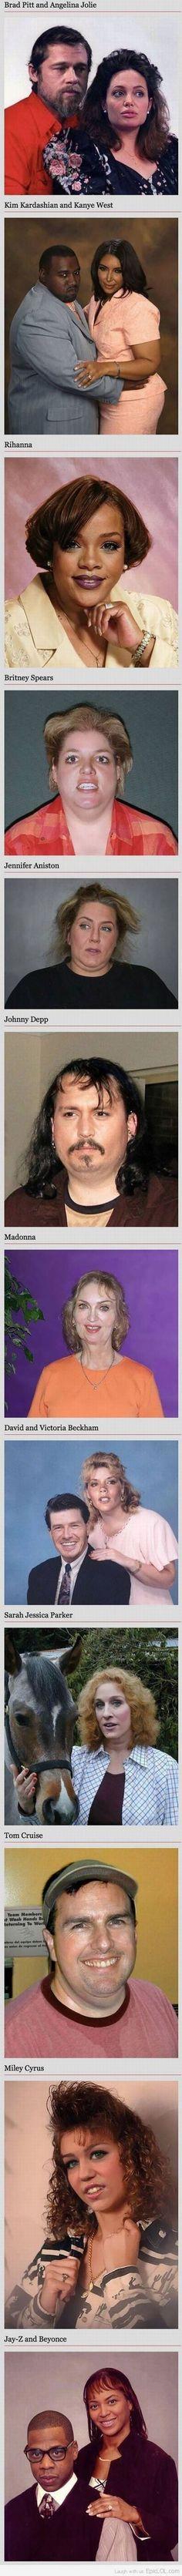 celebrities #uglypeople #bullshit